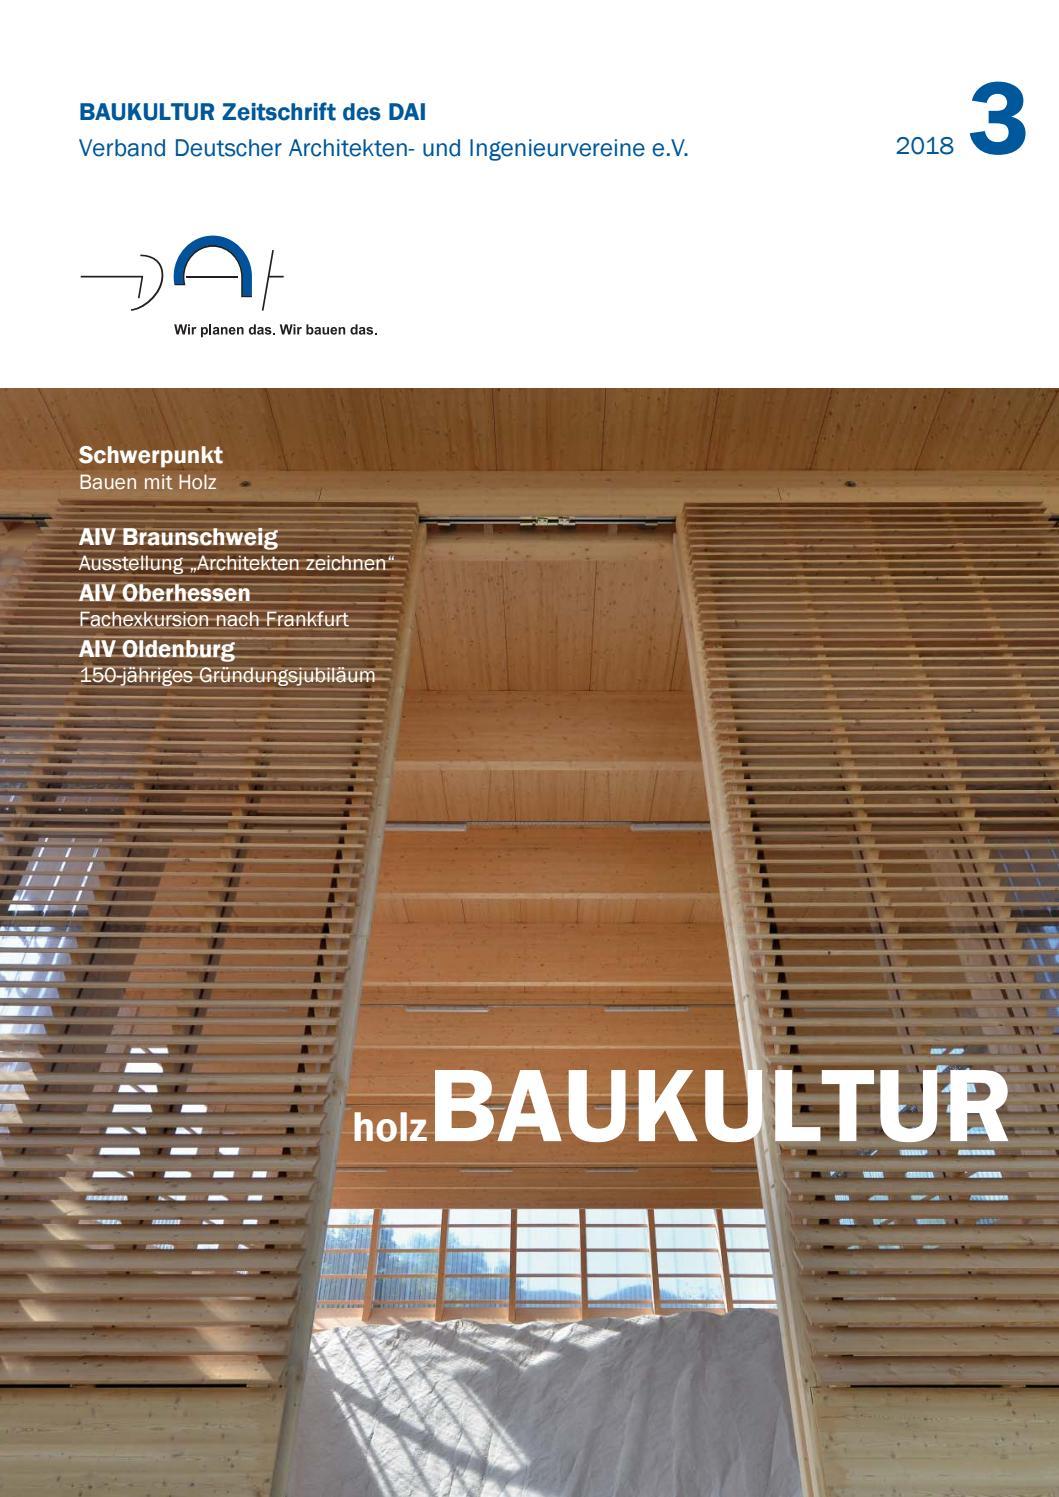 Full Size of Ausgabe 3 2018 Holzbaukultur By Dai Verband Deutscher Architekten Wohnzimmer Außensauna Wandaufbau